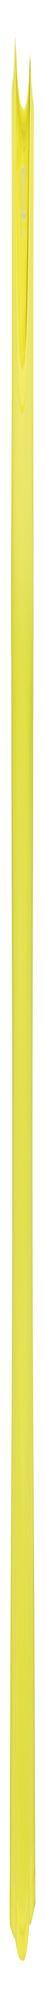 Спортивный топ RIO неоновый желтый